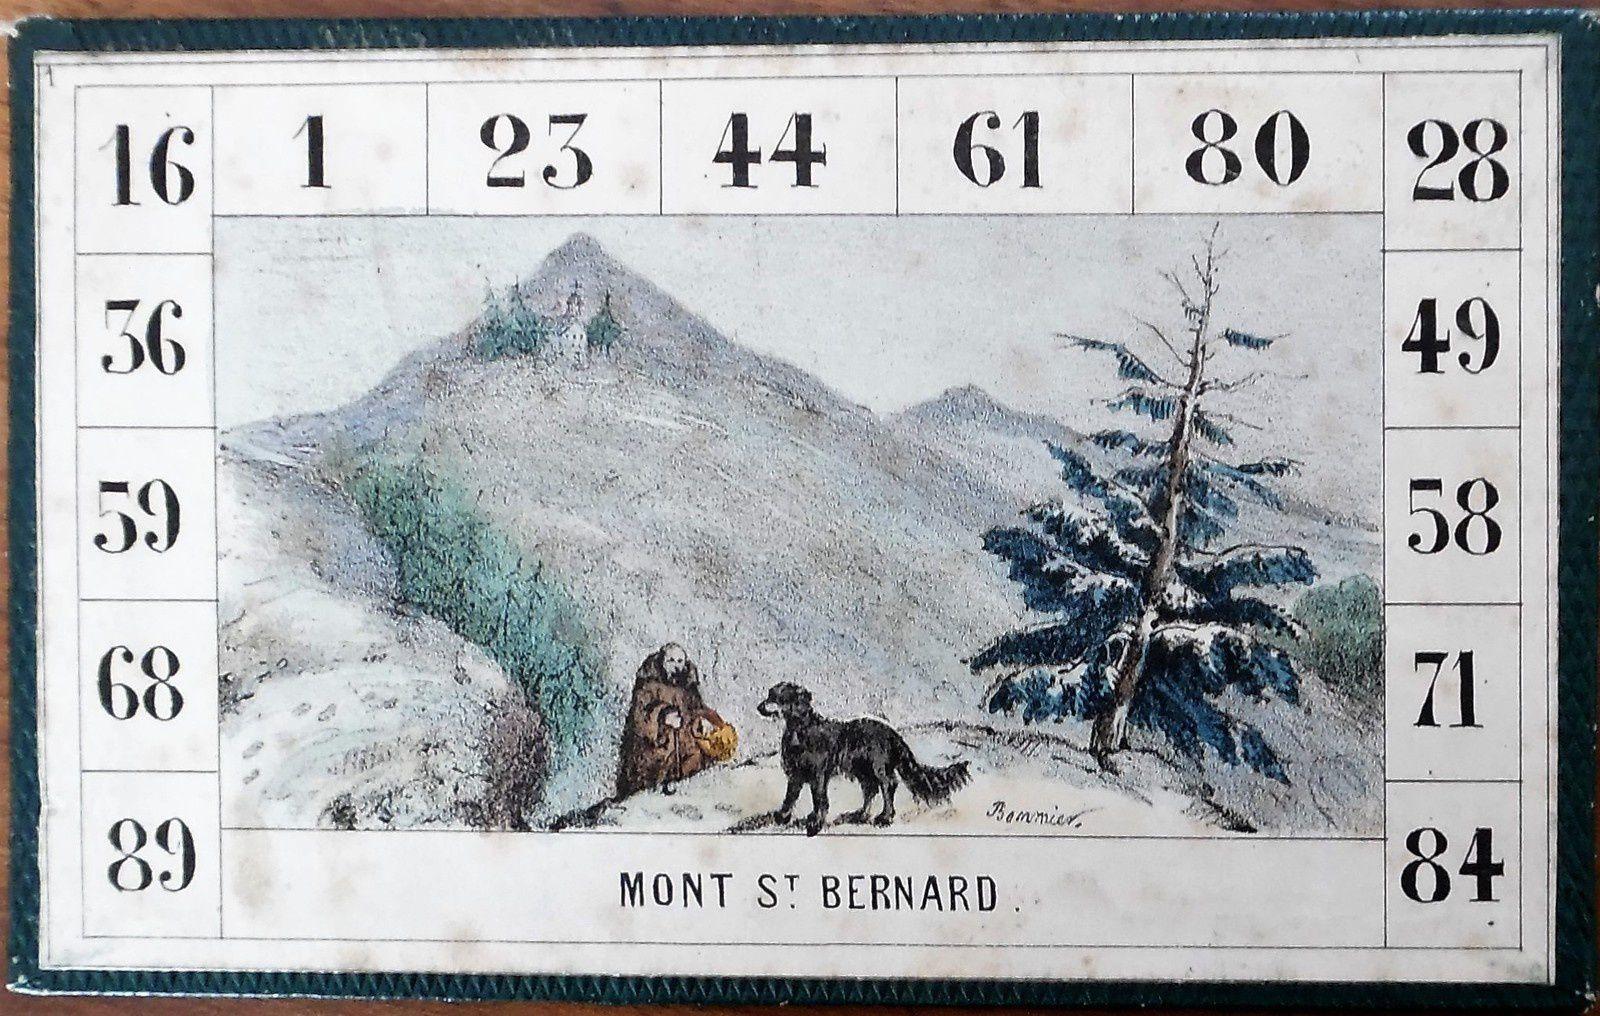 loto géographique, carton n°1 portant la signature de Bommier